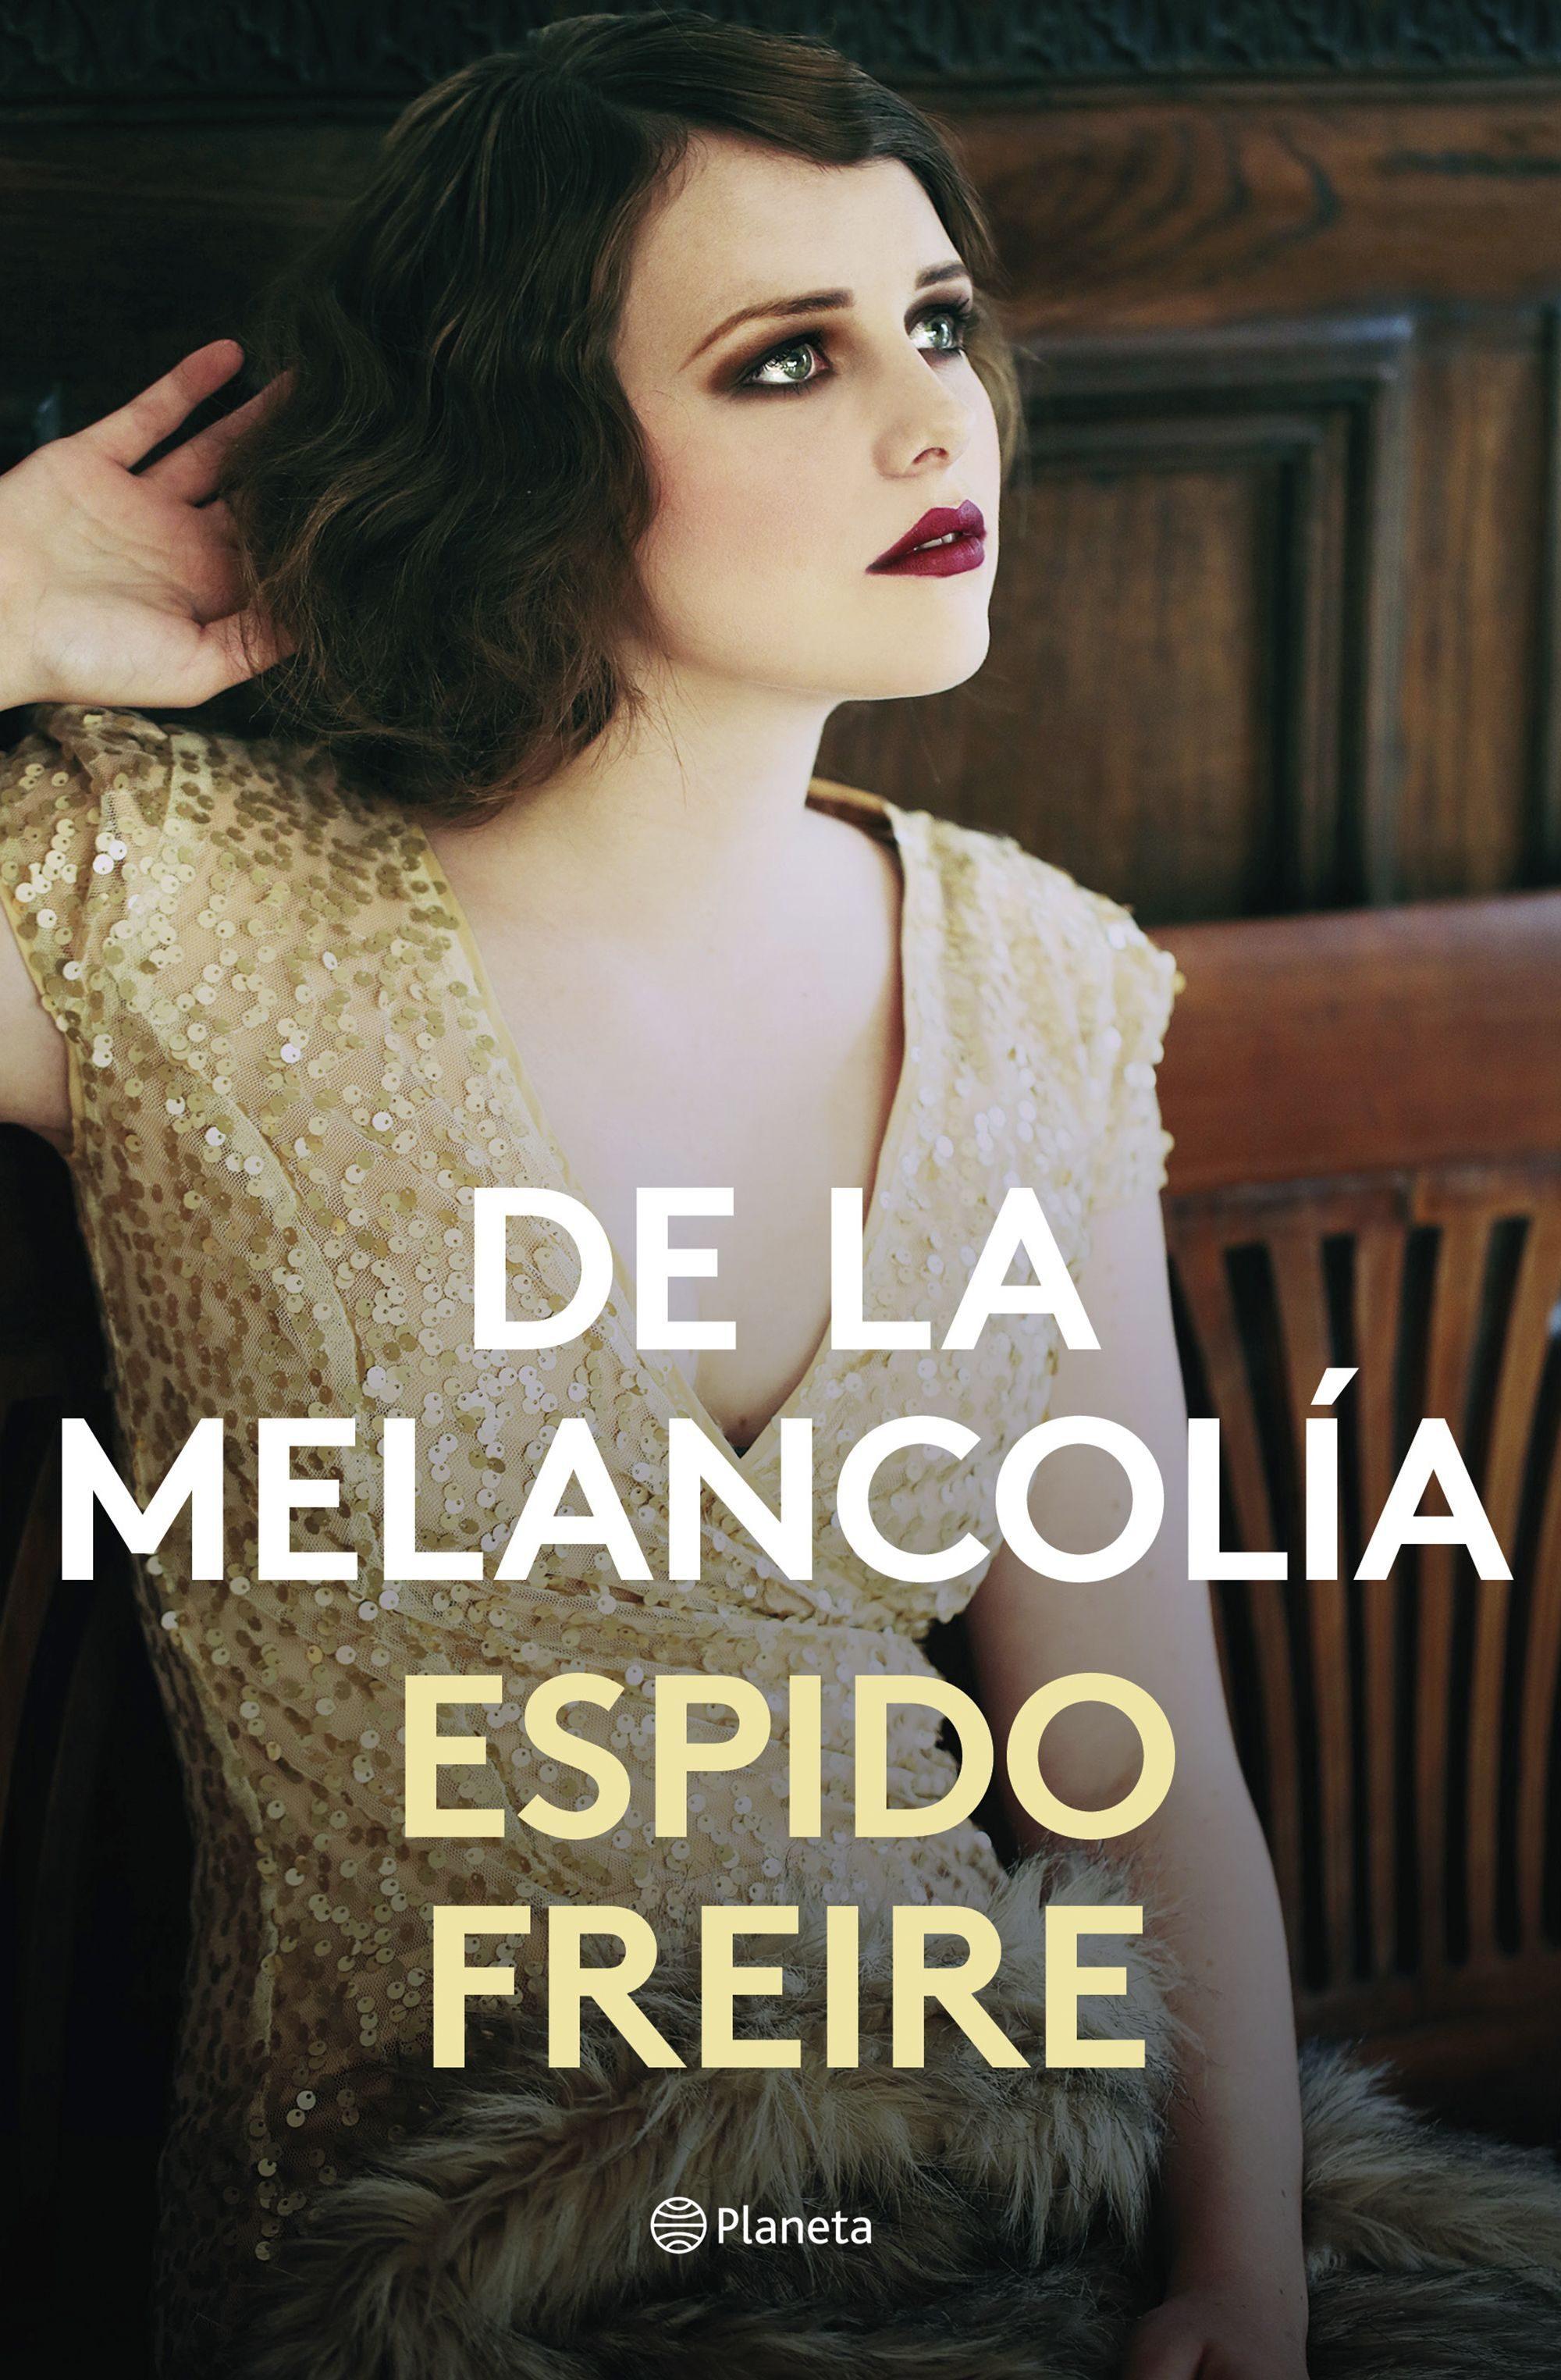 De la melancolía, es la última novela de Espido Freire editada por...